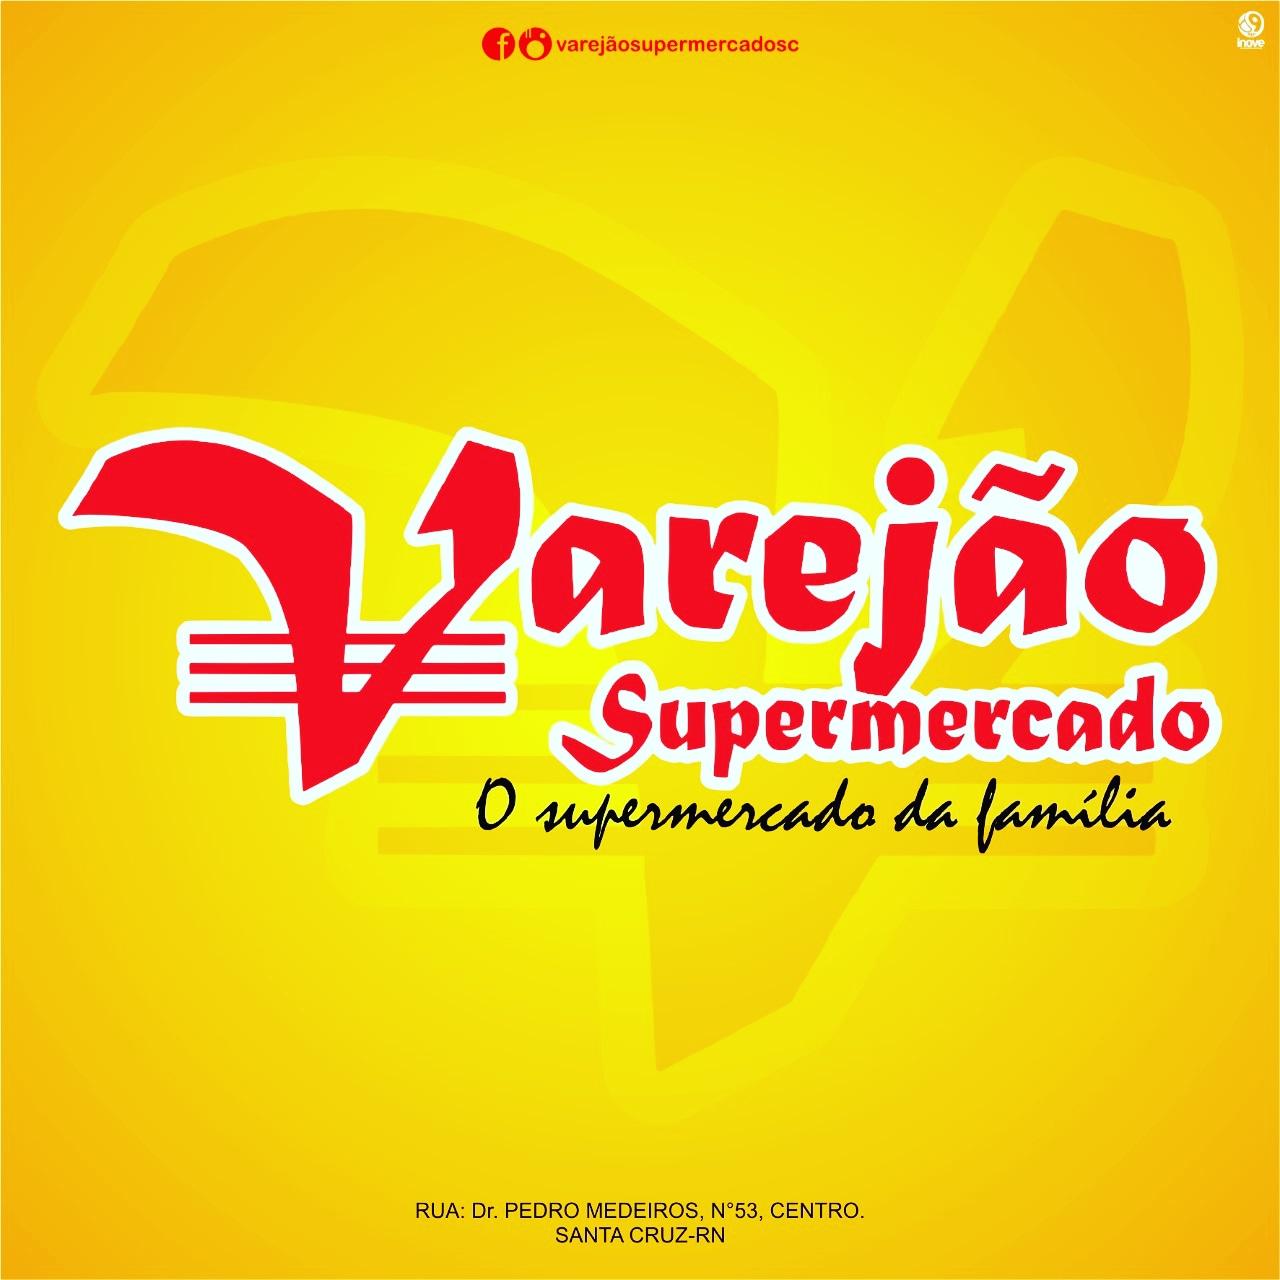 Varejão Supermercado